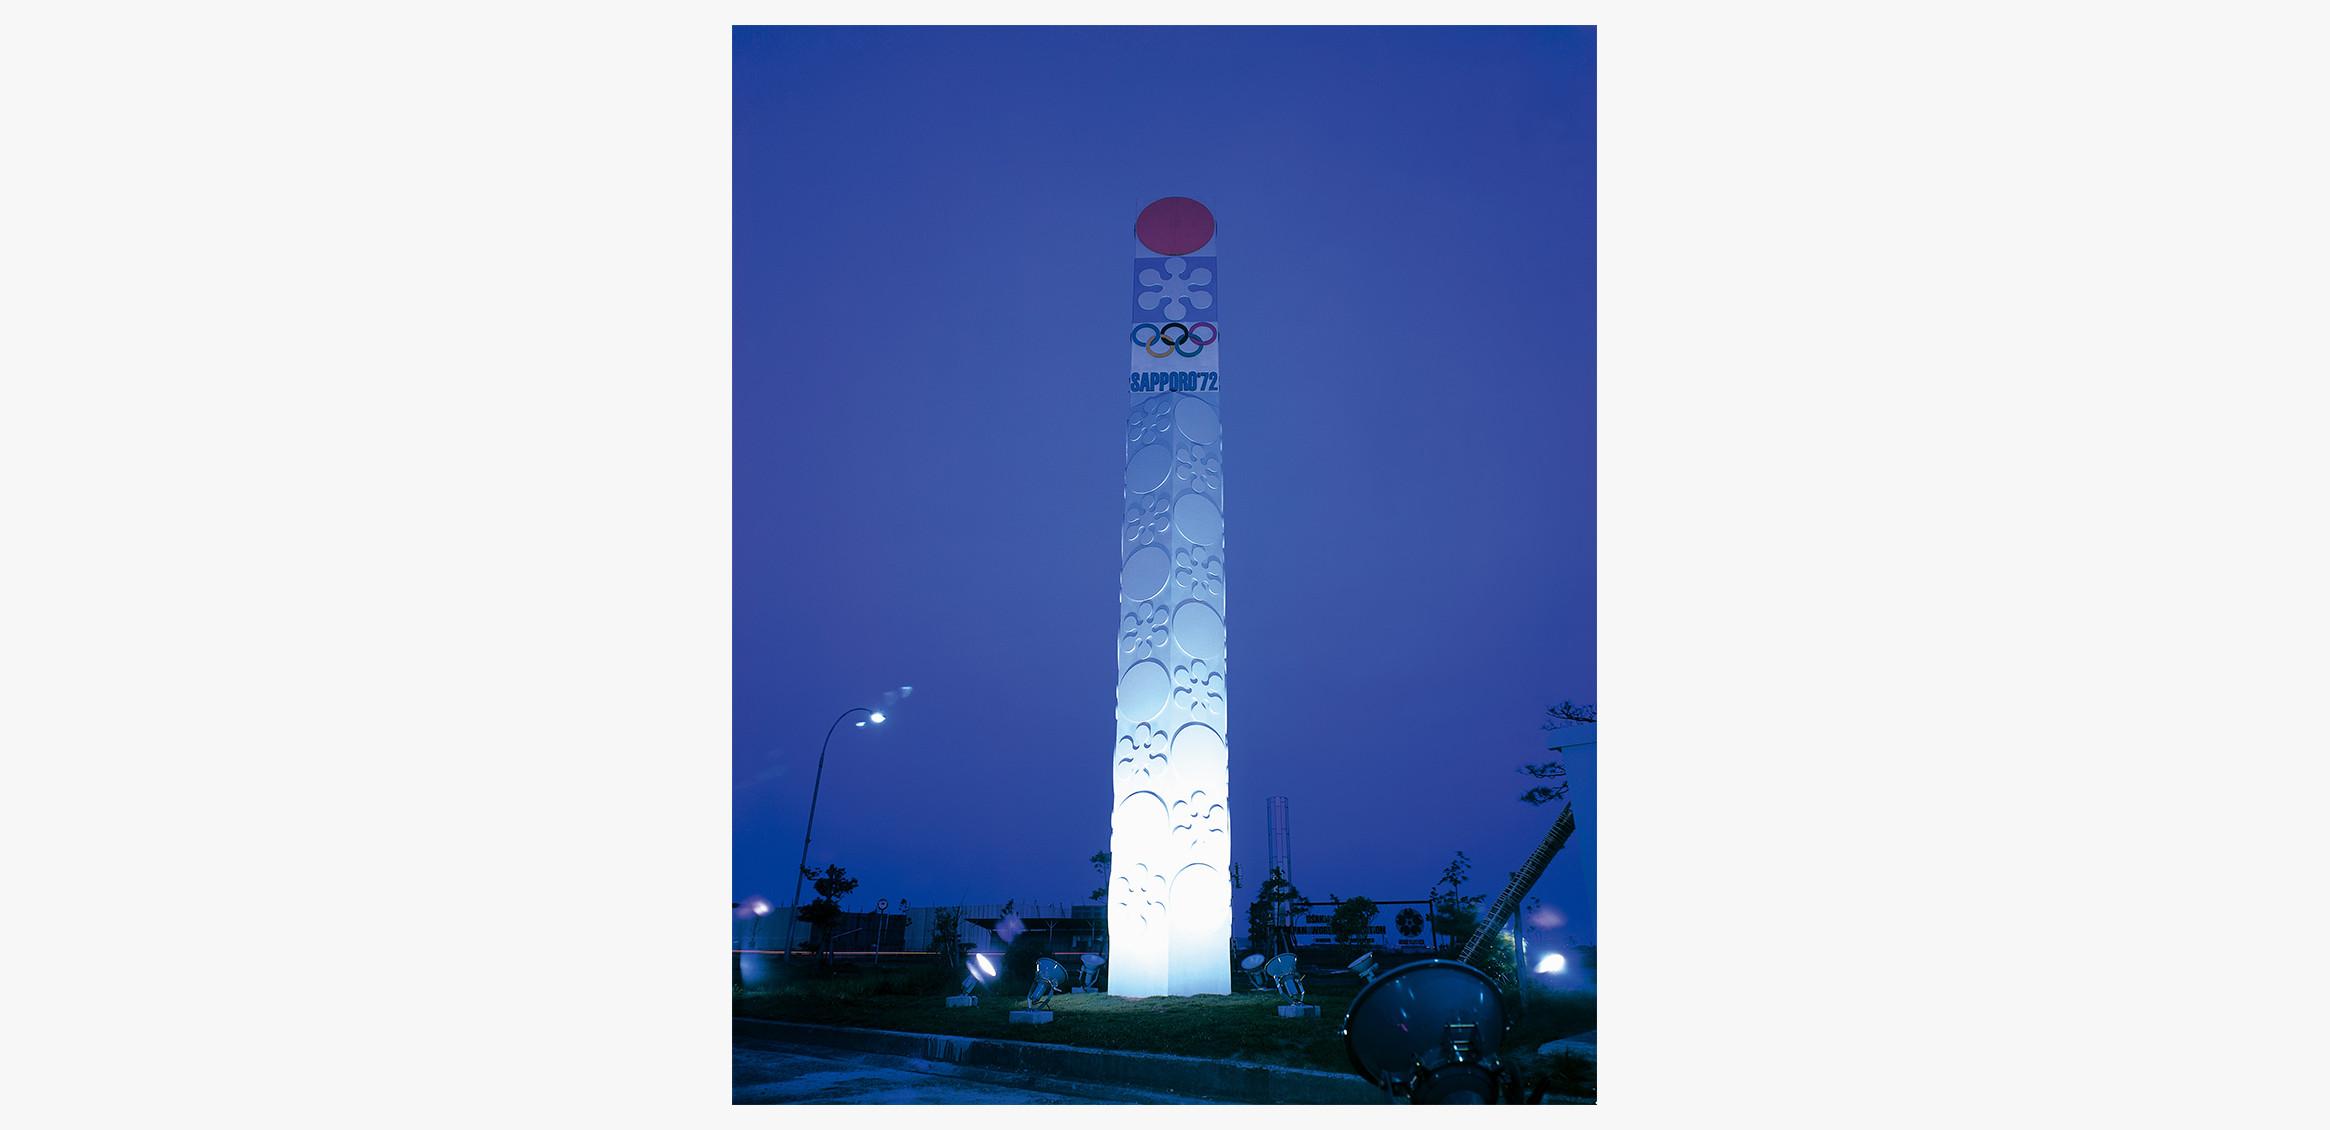 札幌冬季奥运会2枚目